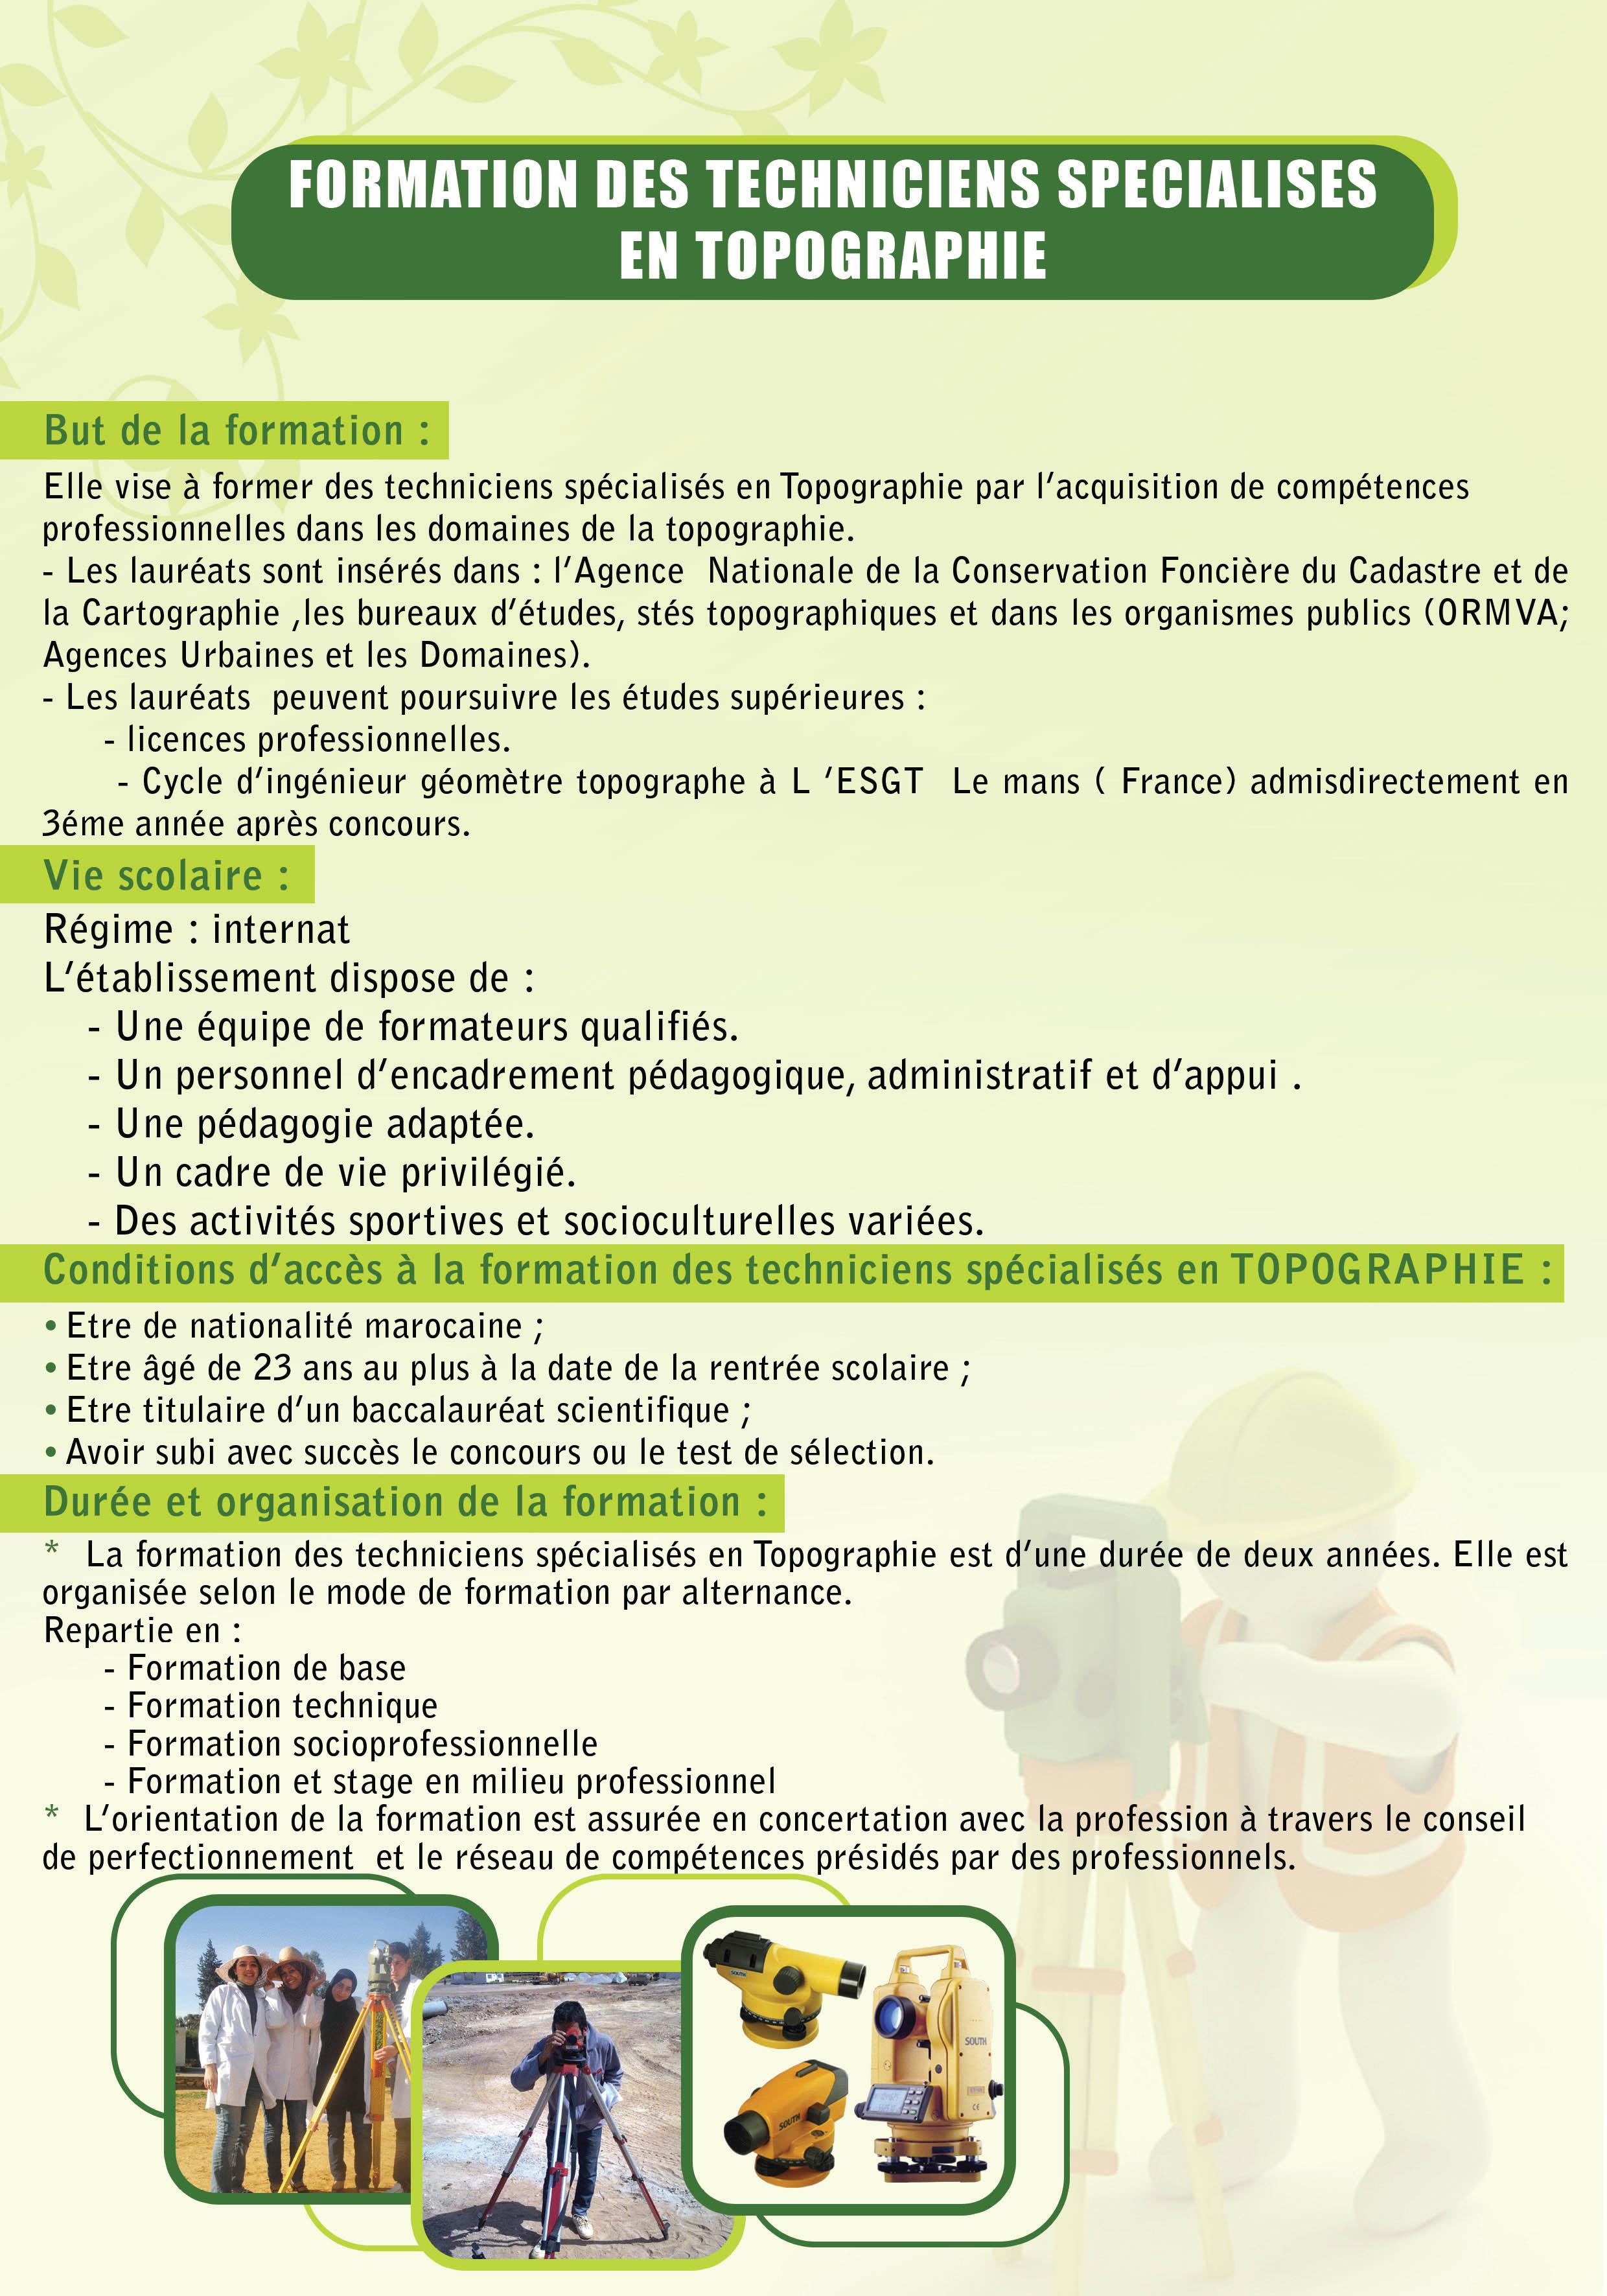 FICHE TECHNIQUE ITSGRTM-4